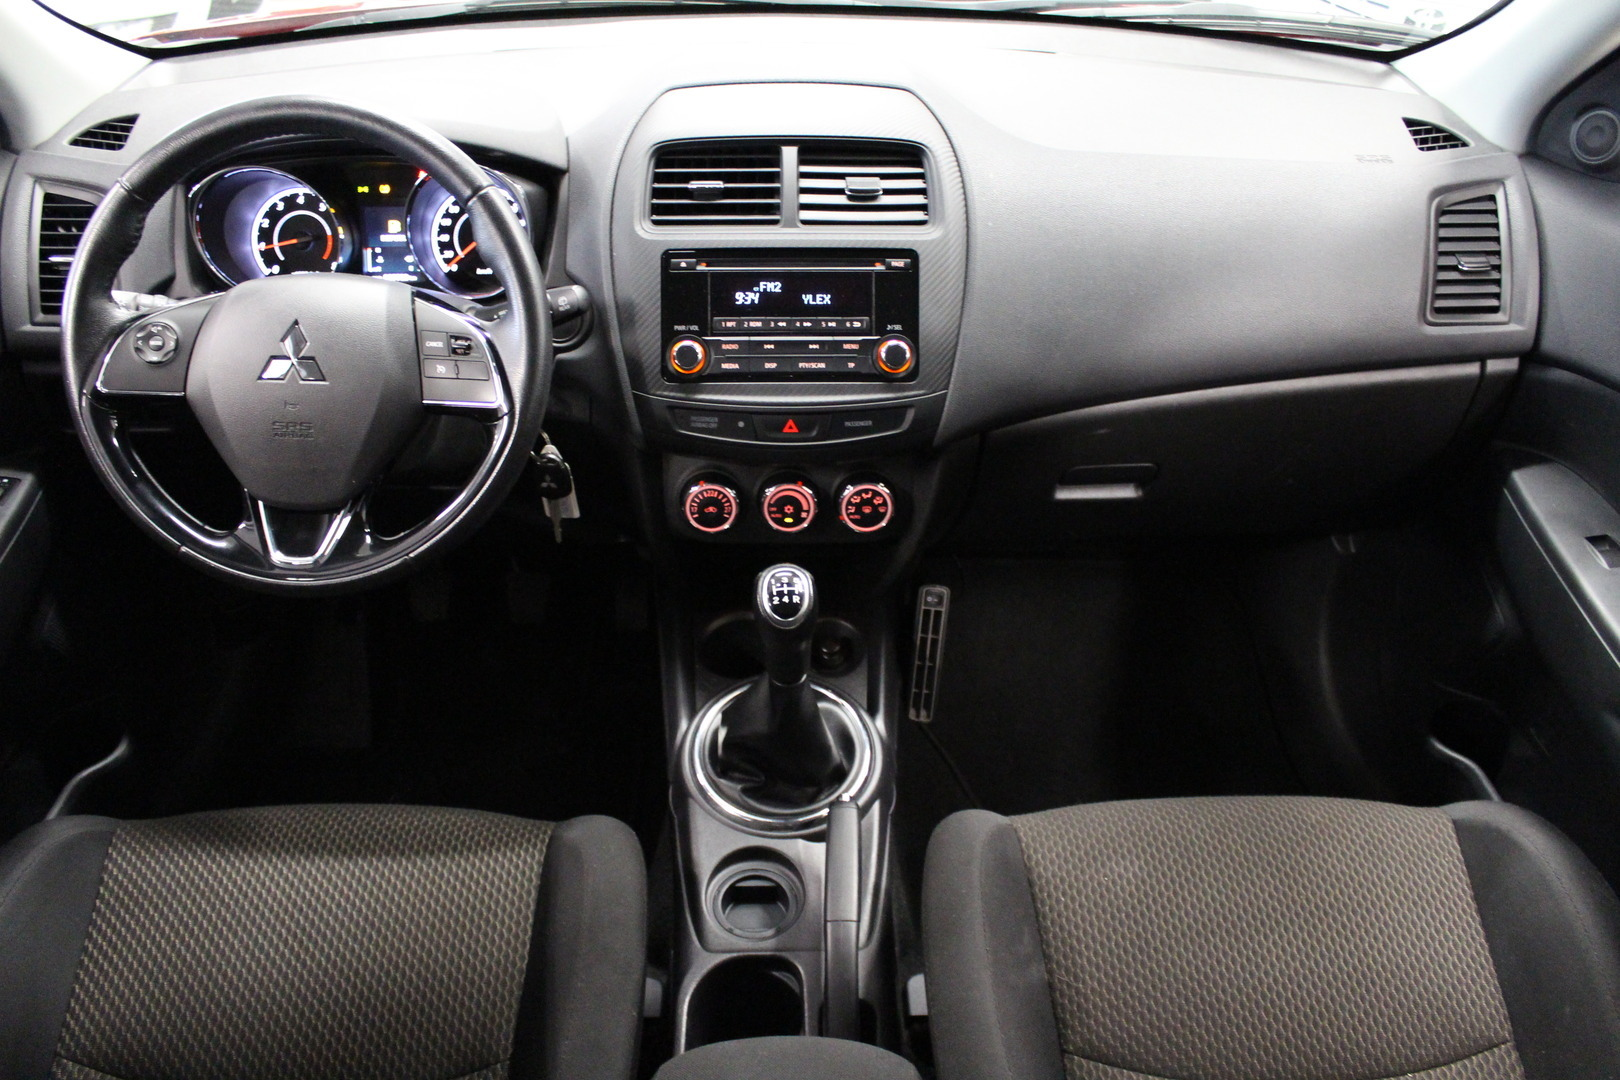 Mitsubishi ASX, 1,6 MIVEC Invite #1-Omisteinen #Tehdastakuu voimassa #Huippusiisti #Vakionopeudensäädin, tutkat